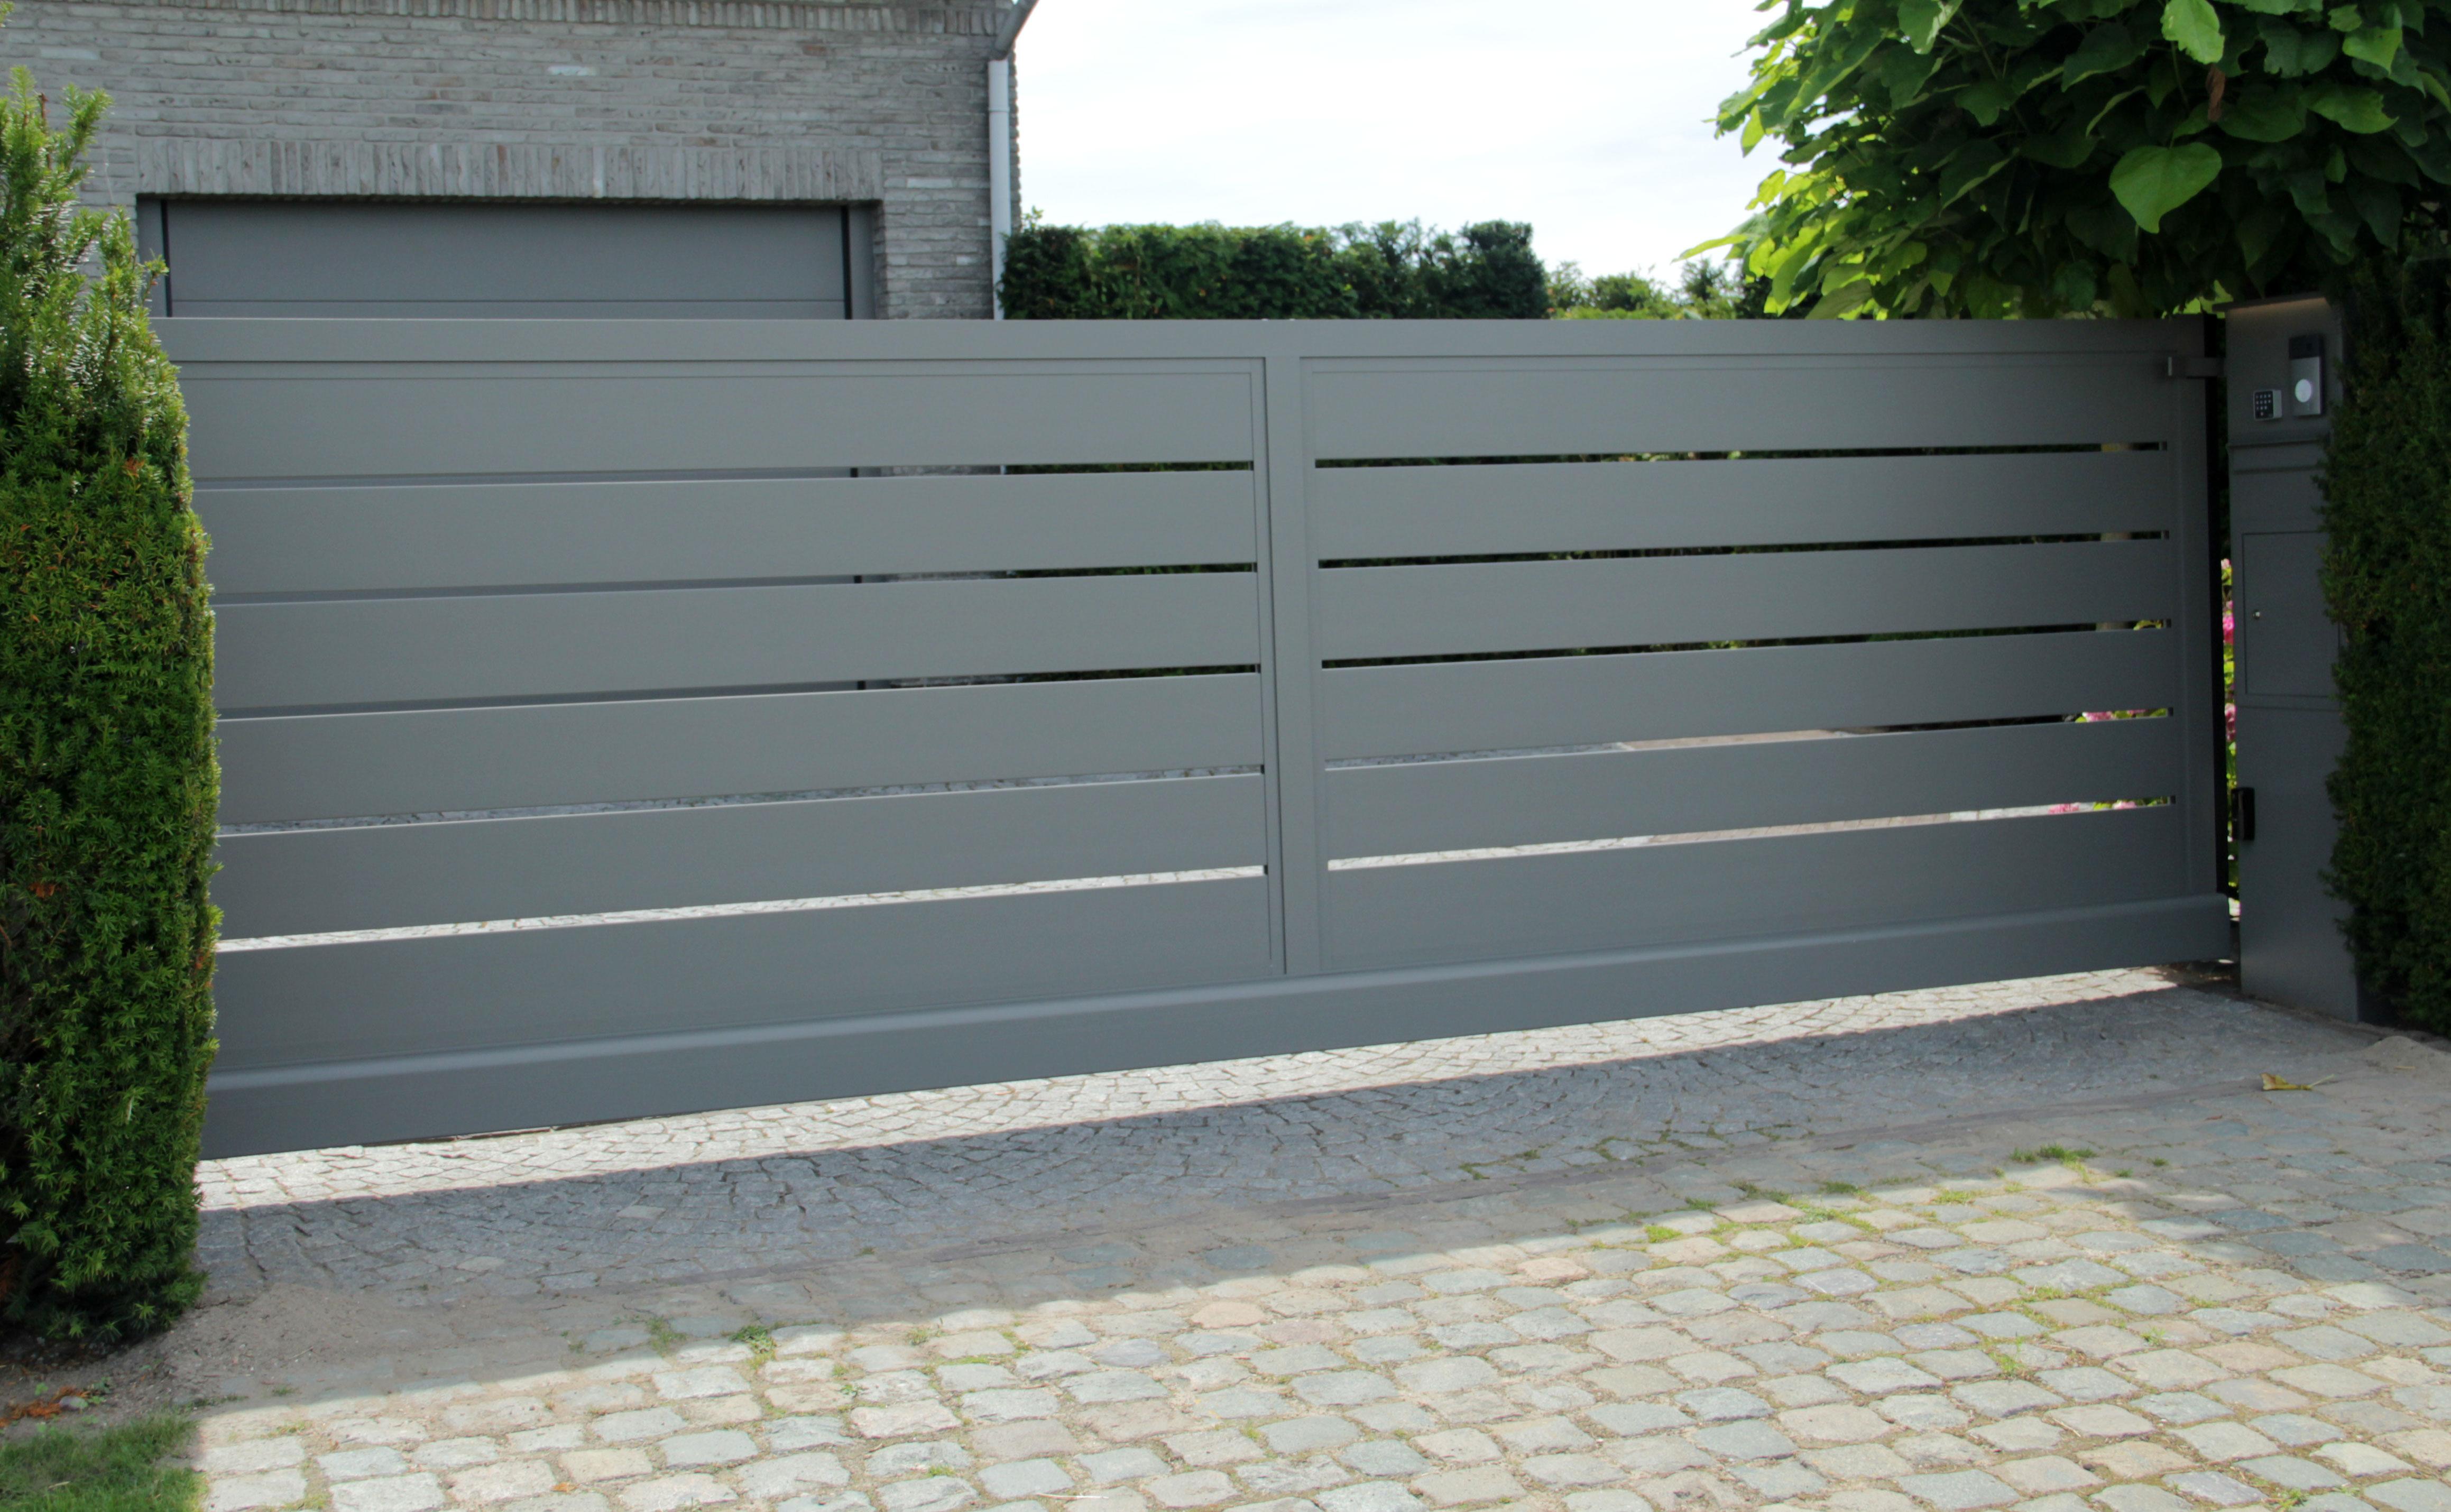 aluminium schuifpoort glenf - Poorten op maat voor particulieren en bedrijven